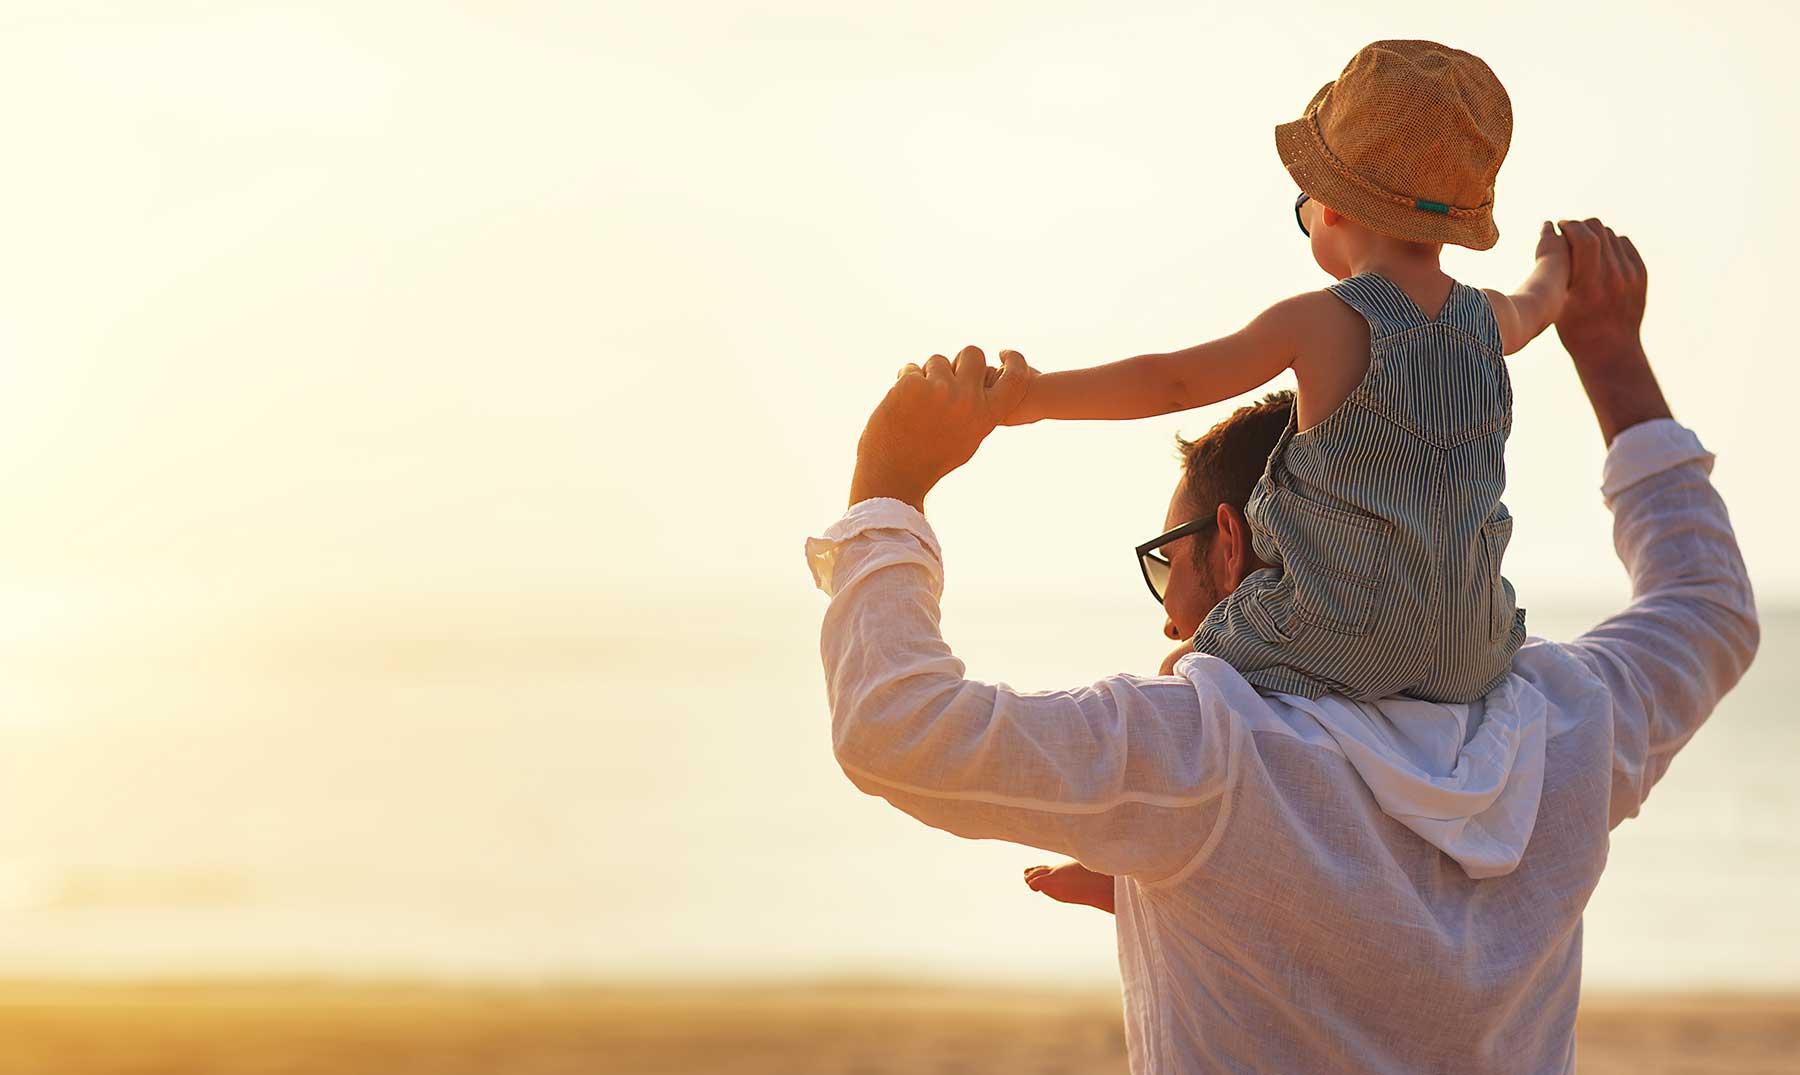 Pasear con un bebé y qué opciones recomendables tienes